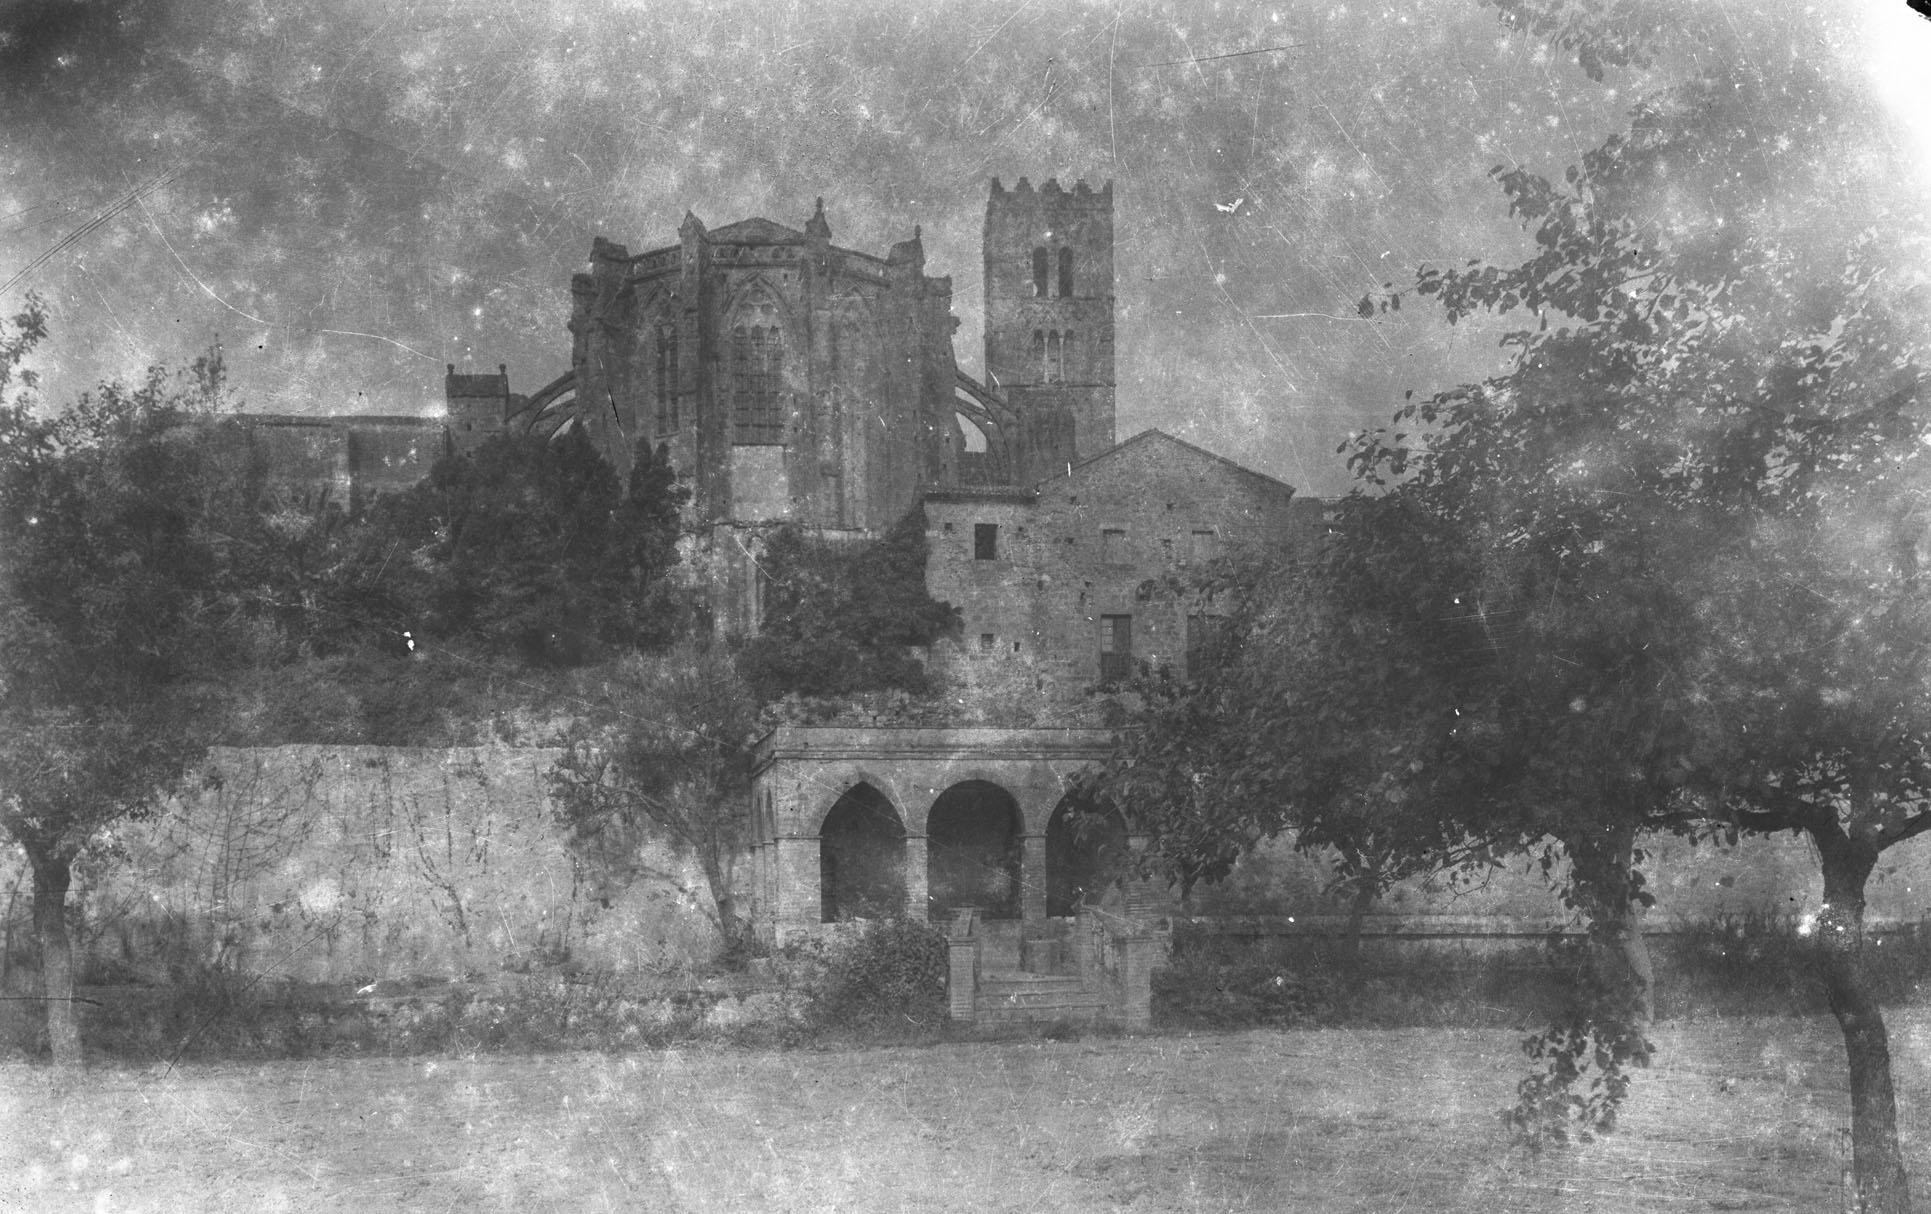 Vista parcial de Castelló d'Empúries. Al centre, l'absis central i la torre del campanar de la basílica de Santa Maria, entre els anys 1942 i 1944 (ACGAX. Fons Sadurní Brunet Pi. Autor: Sadurní Brunet)